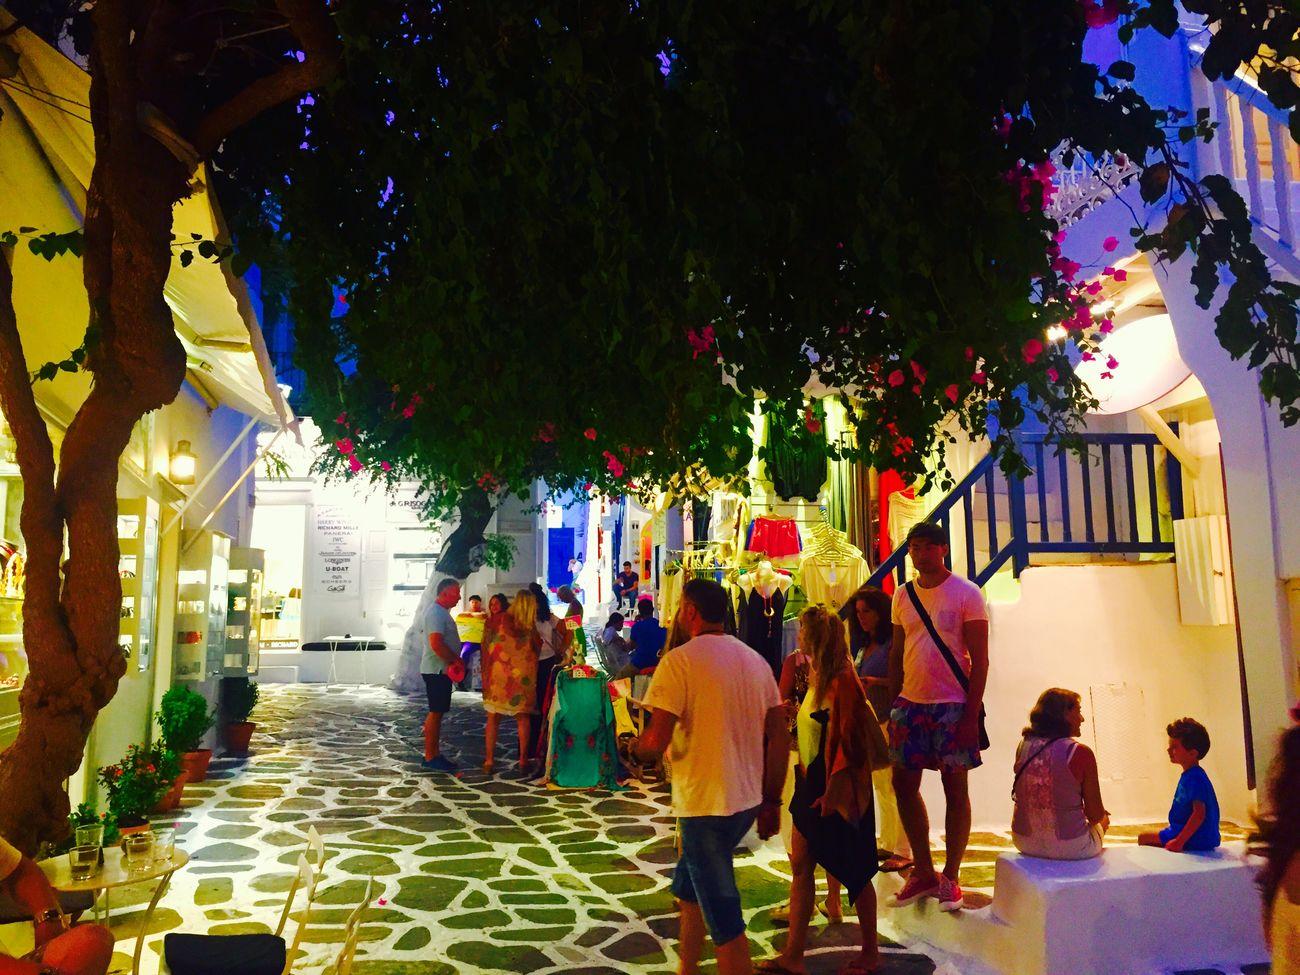 Summer2015 Grece Grecia Mykonos,Greece Myconos Estate2015